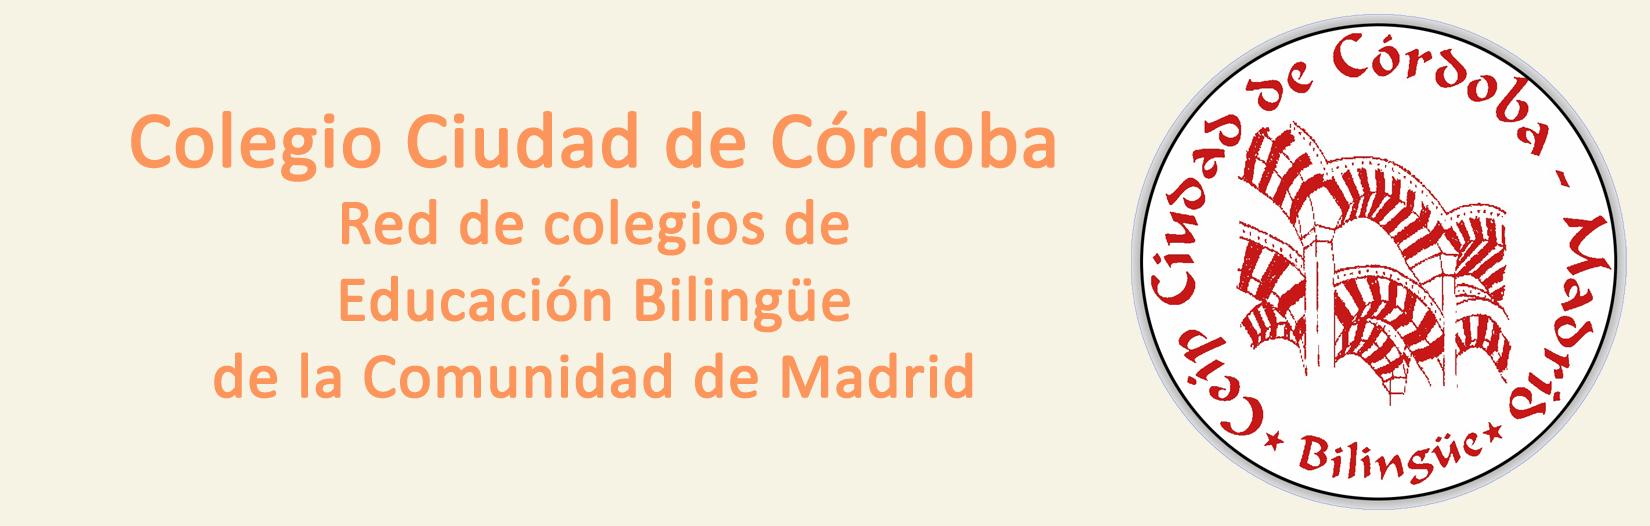 CEIP Ciudad de Córdoba